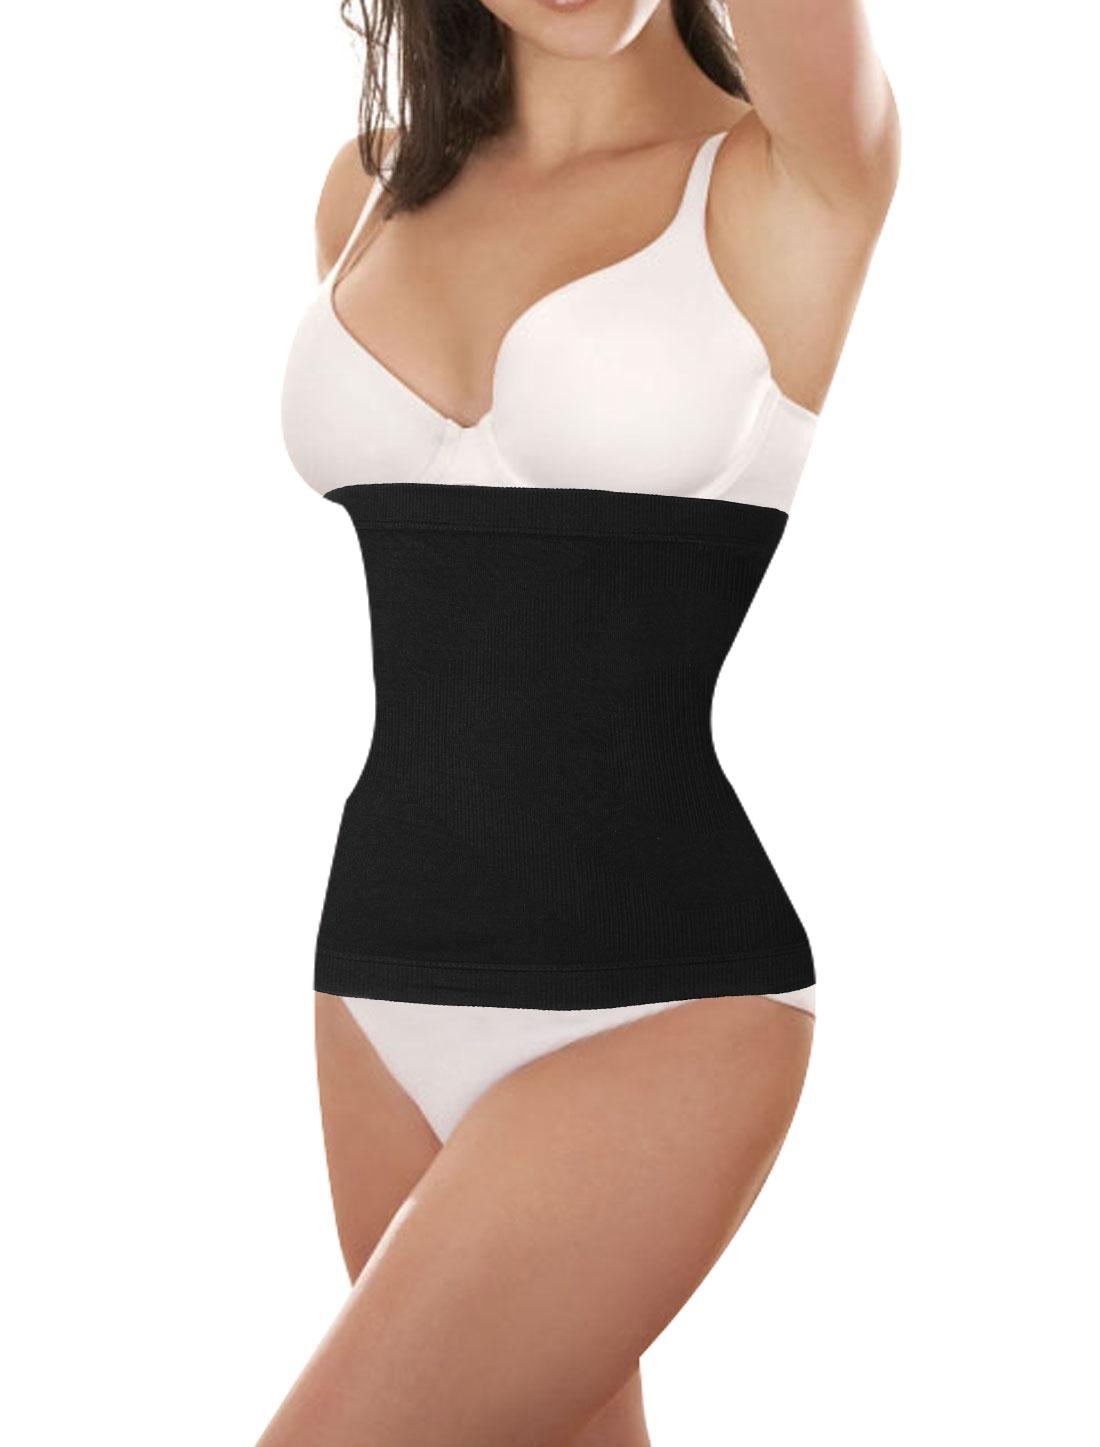 Ladies Black Stretchy Textured Strapless Trimmer Corset Waist Cincher M